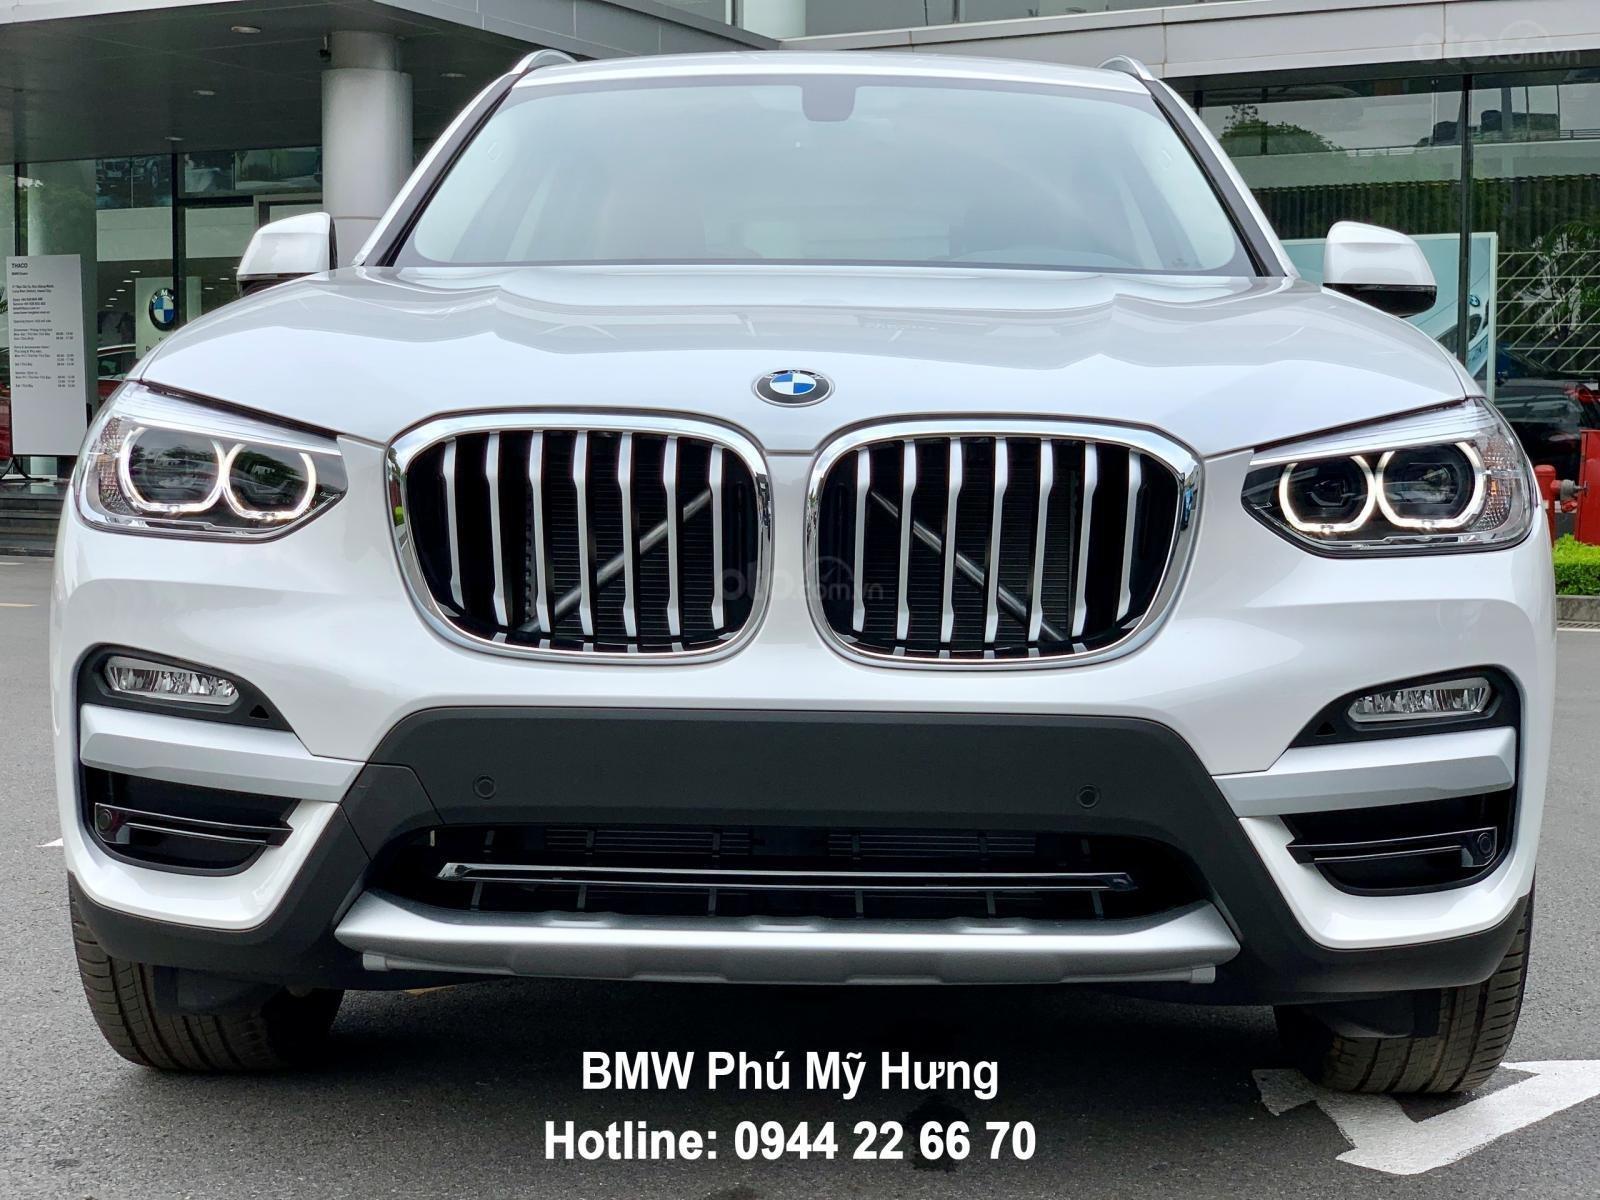 BMW X3 2019 miễn phí 3 năm bảo dưỡng, tặng bảo hiểm vật chất, đặt cọc sớm có xe giao ngay (1)